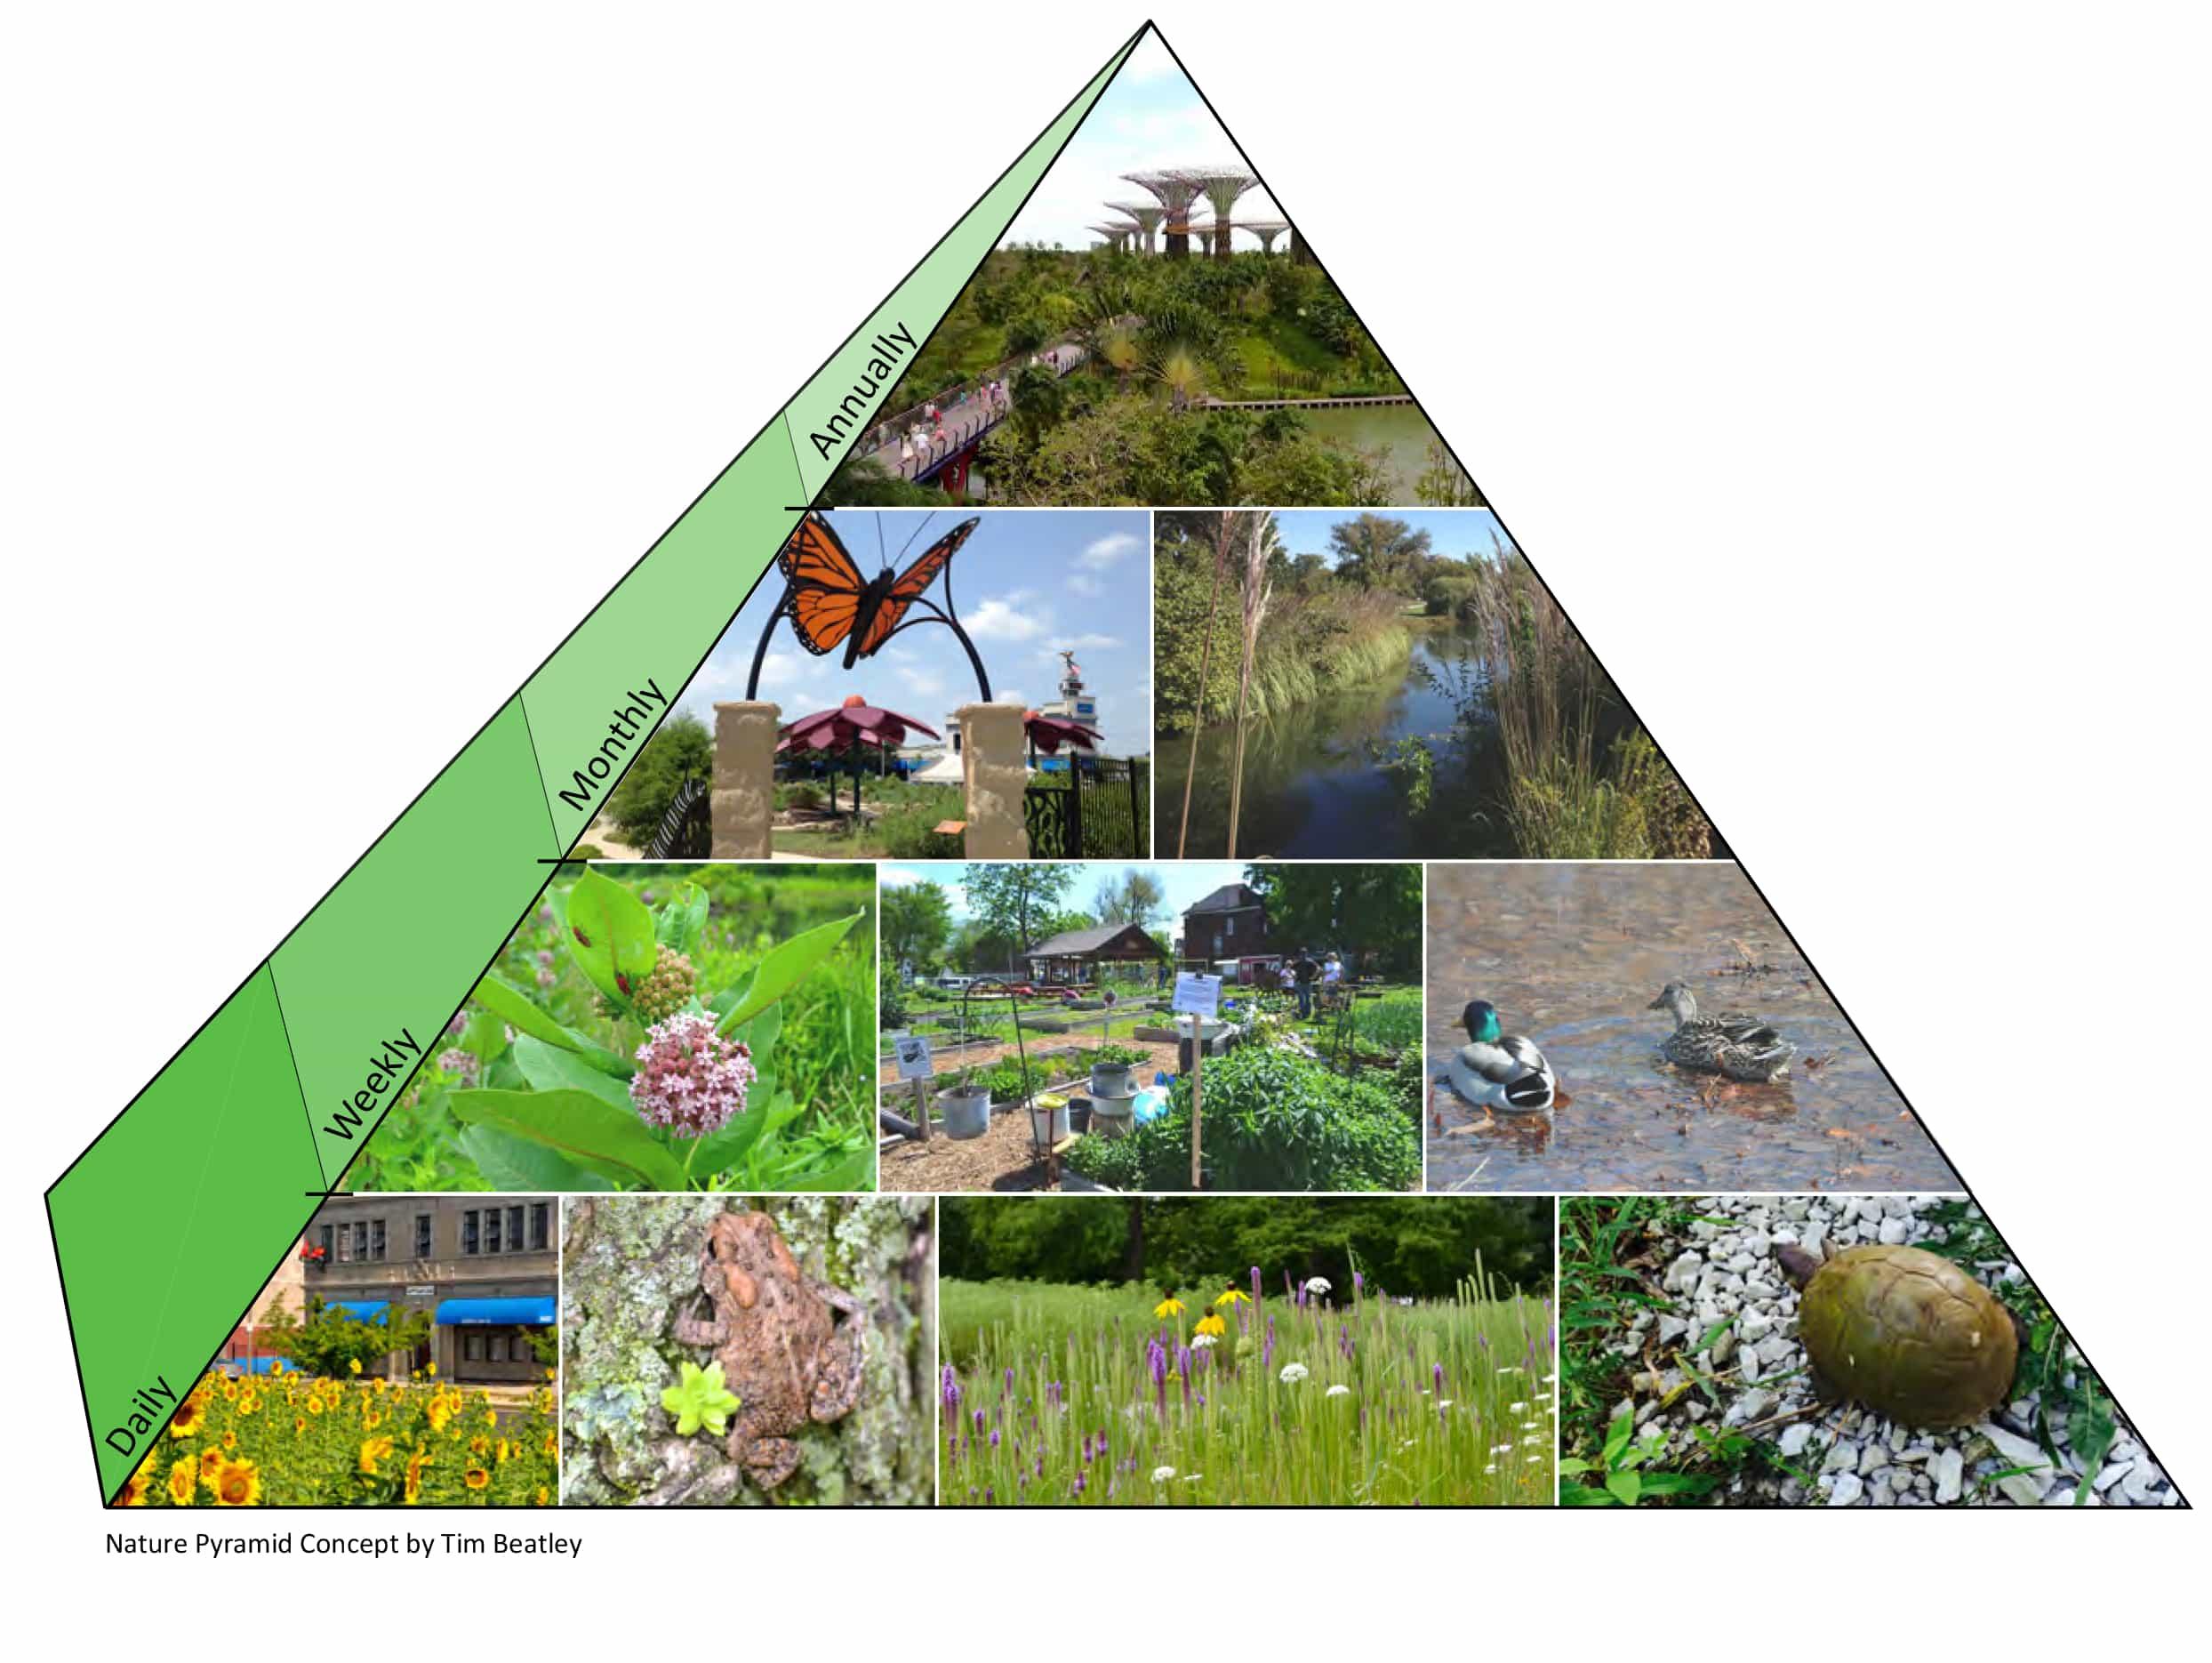 stl_naturepyramid_v2.jpg